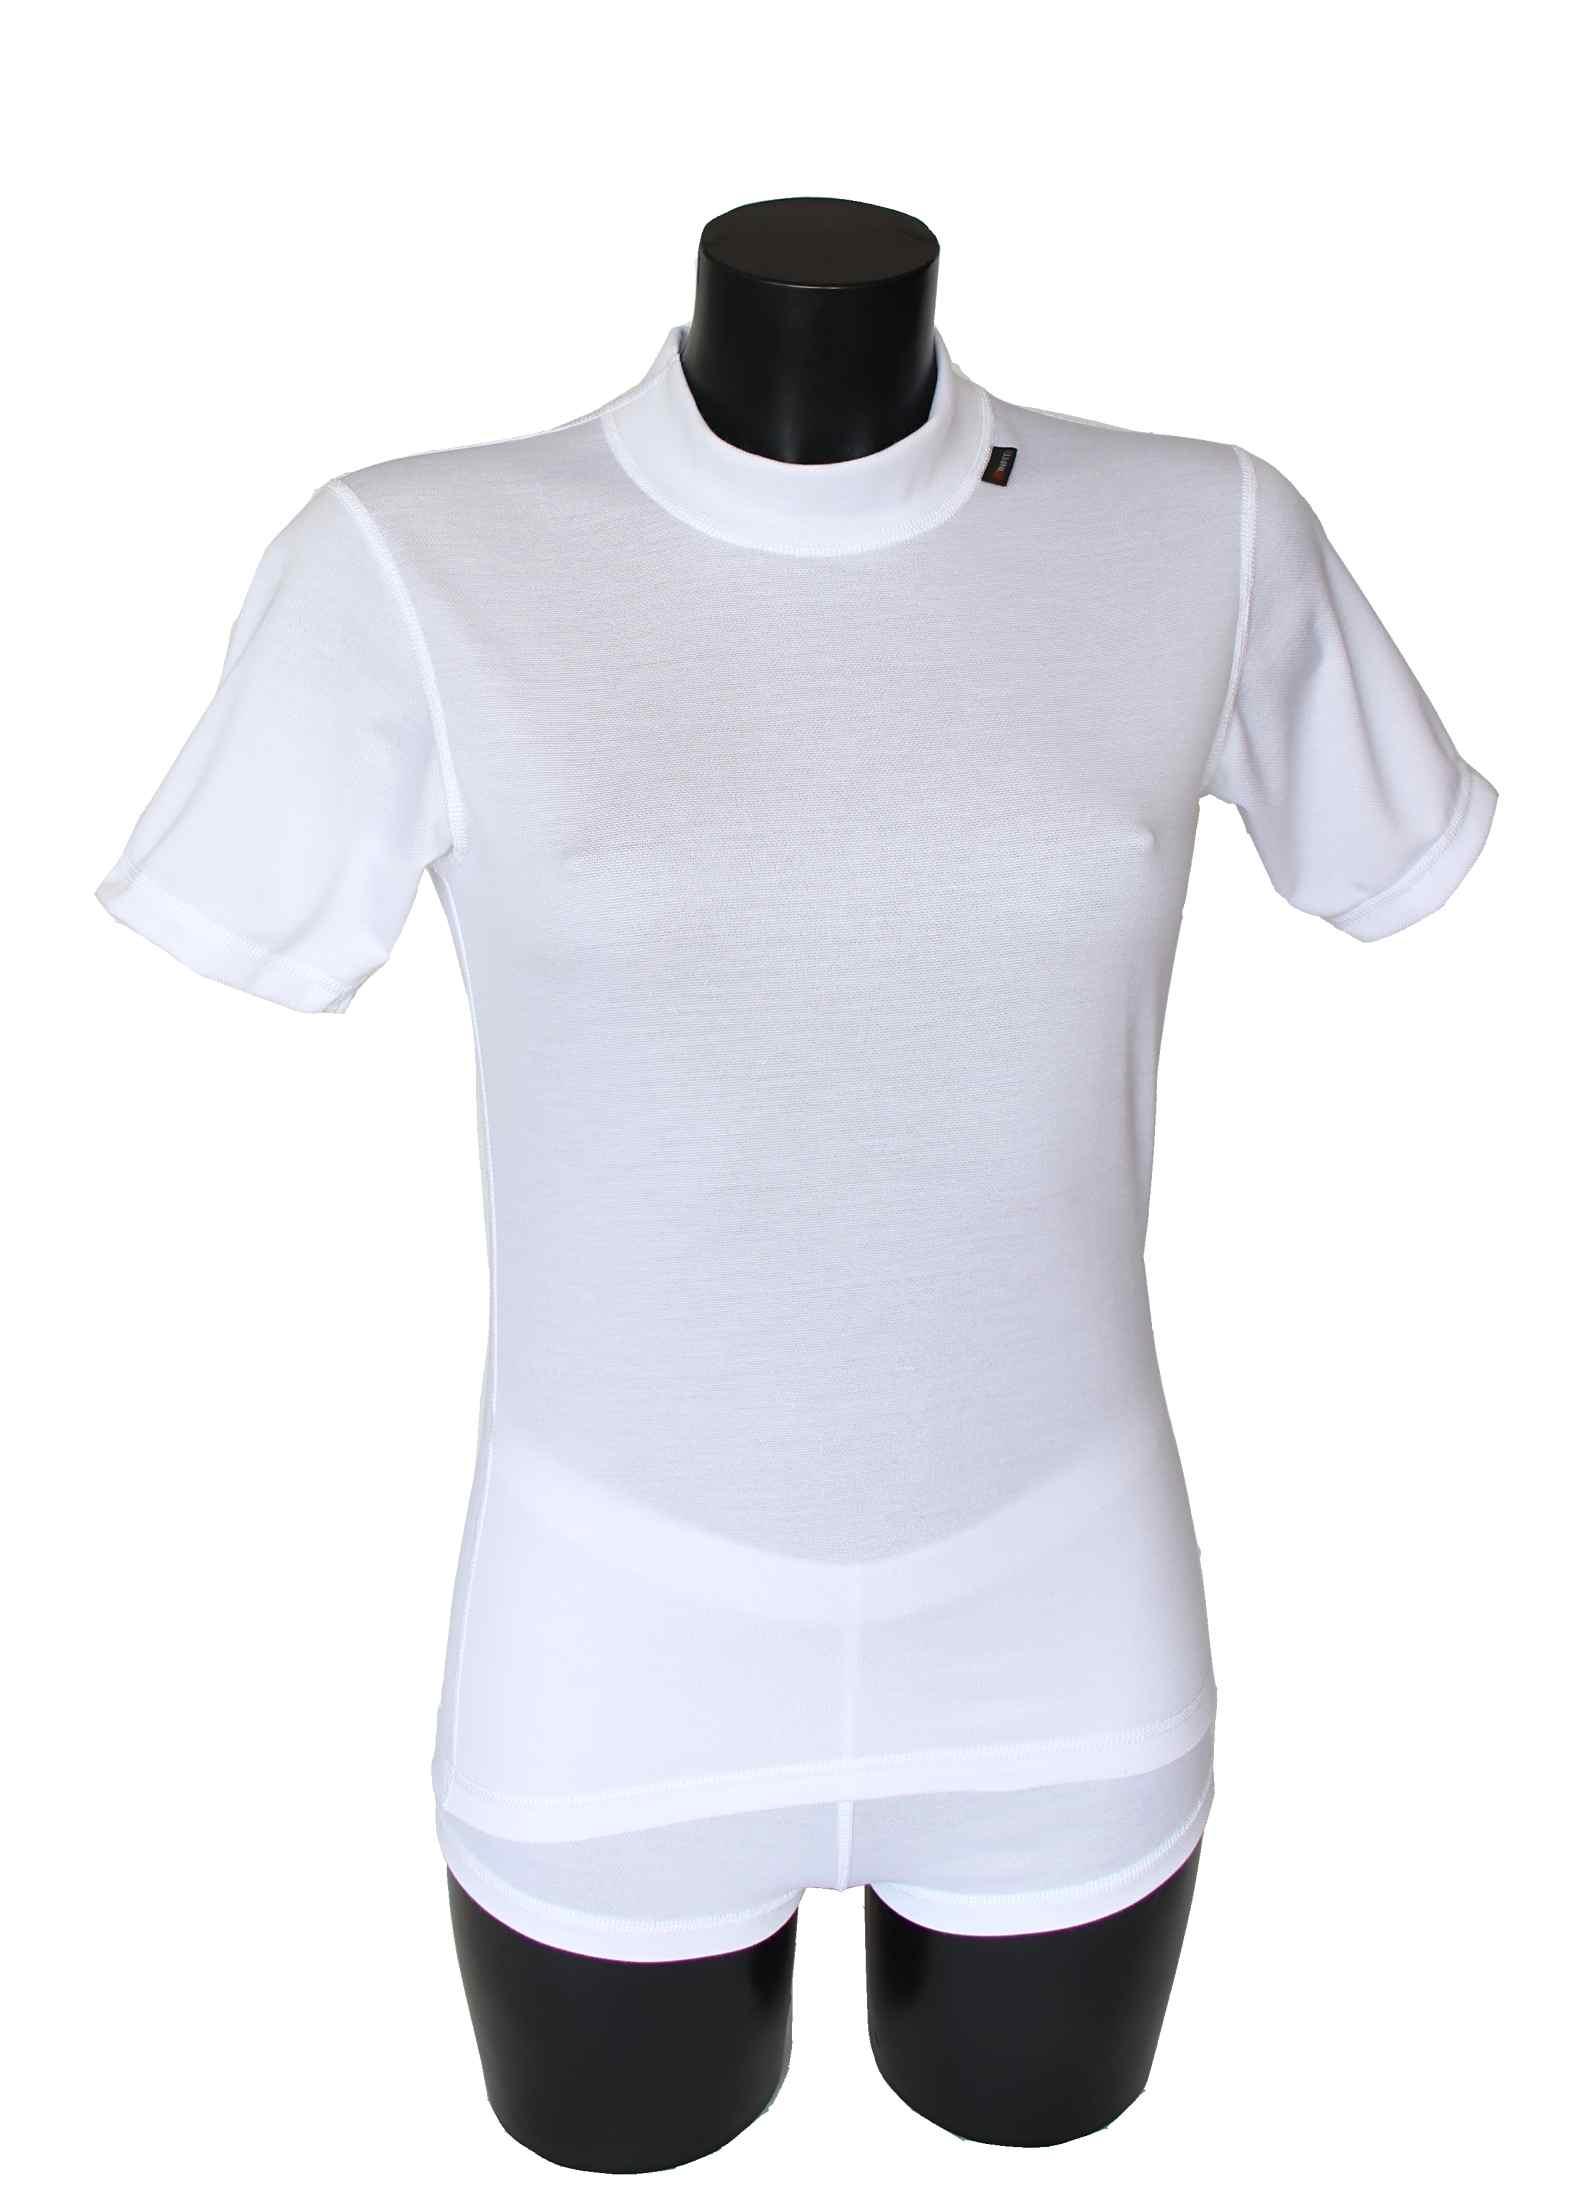 3418e972b1e Loft dámské triko s krátkým rukávem LIMITOVANÁ SÉRIE !!